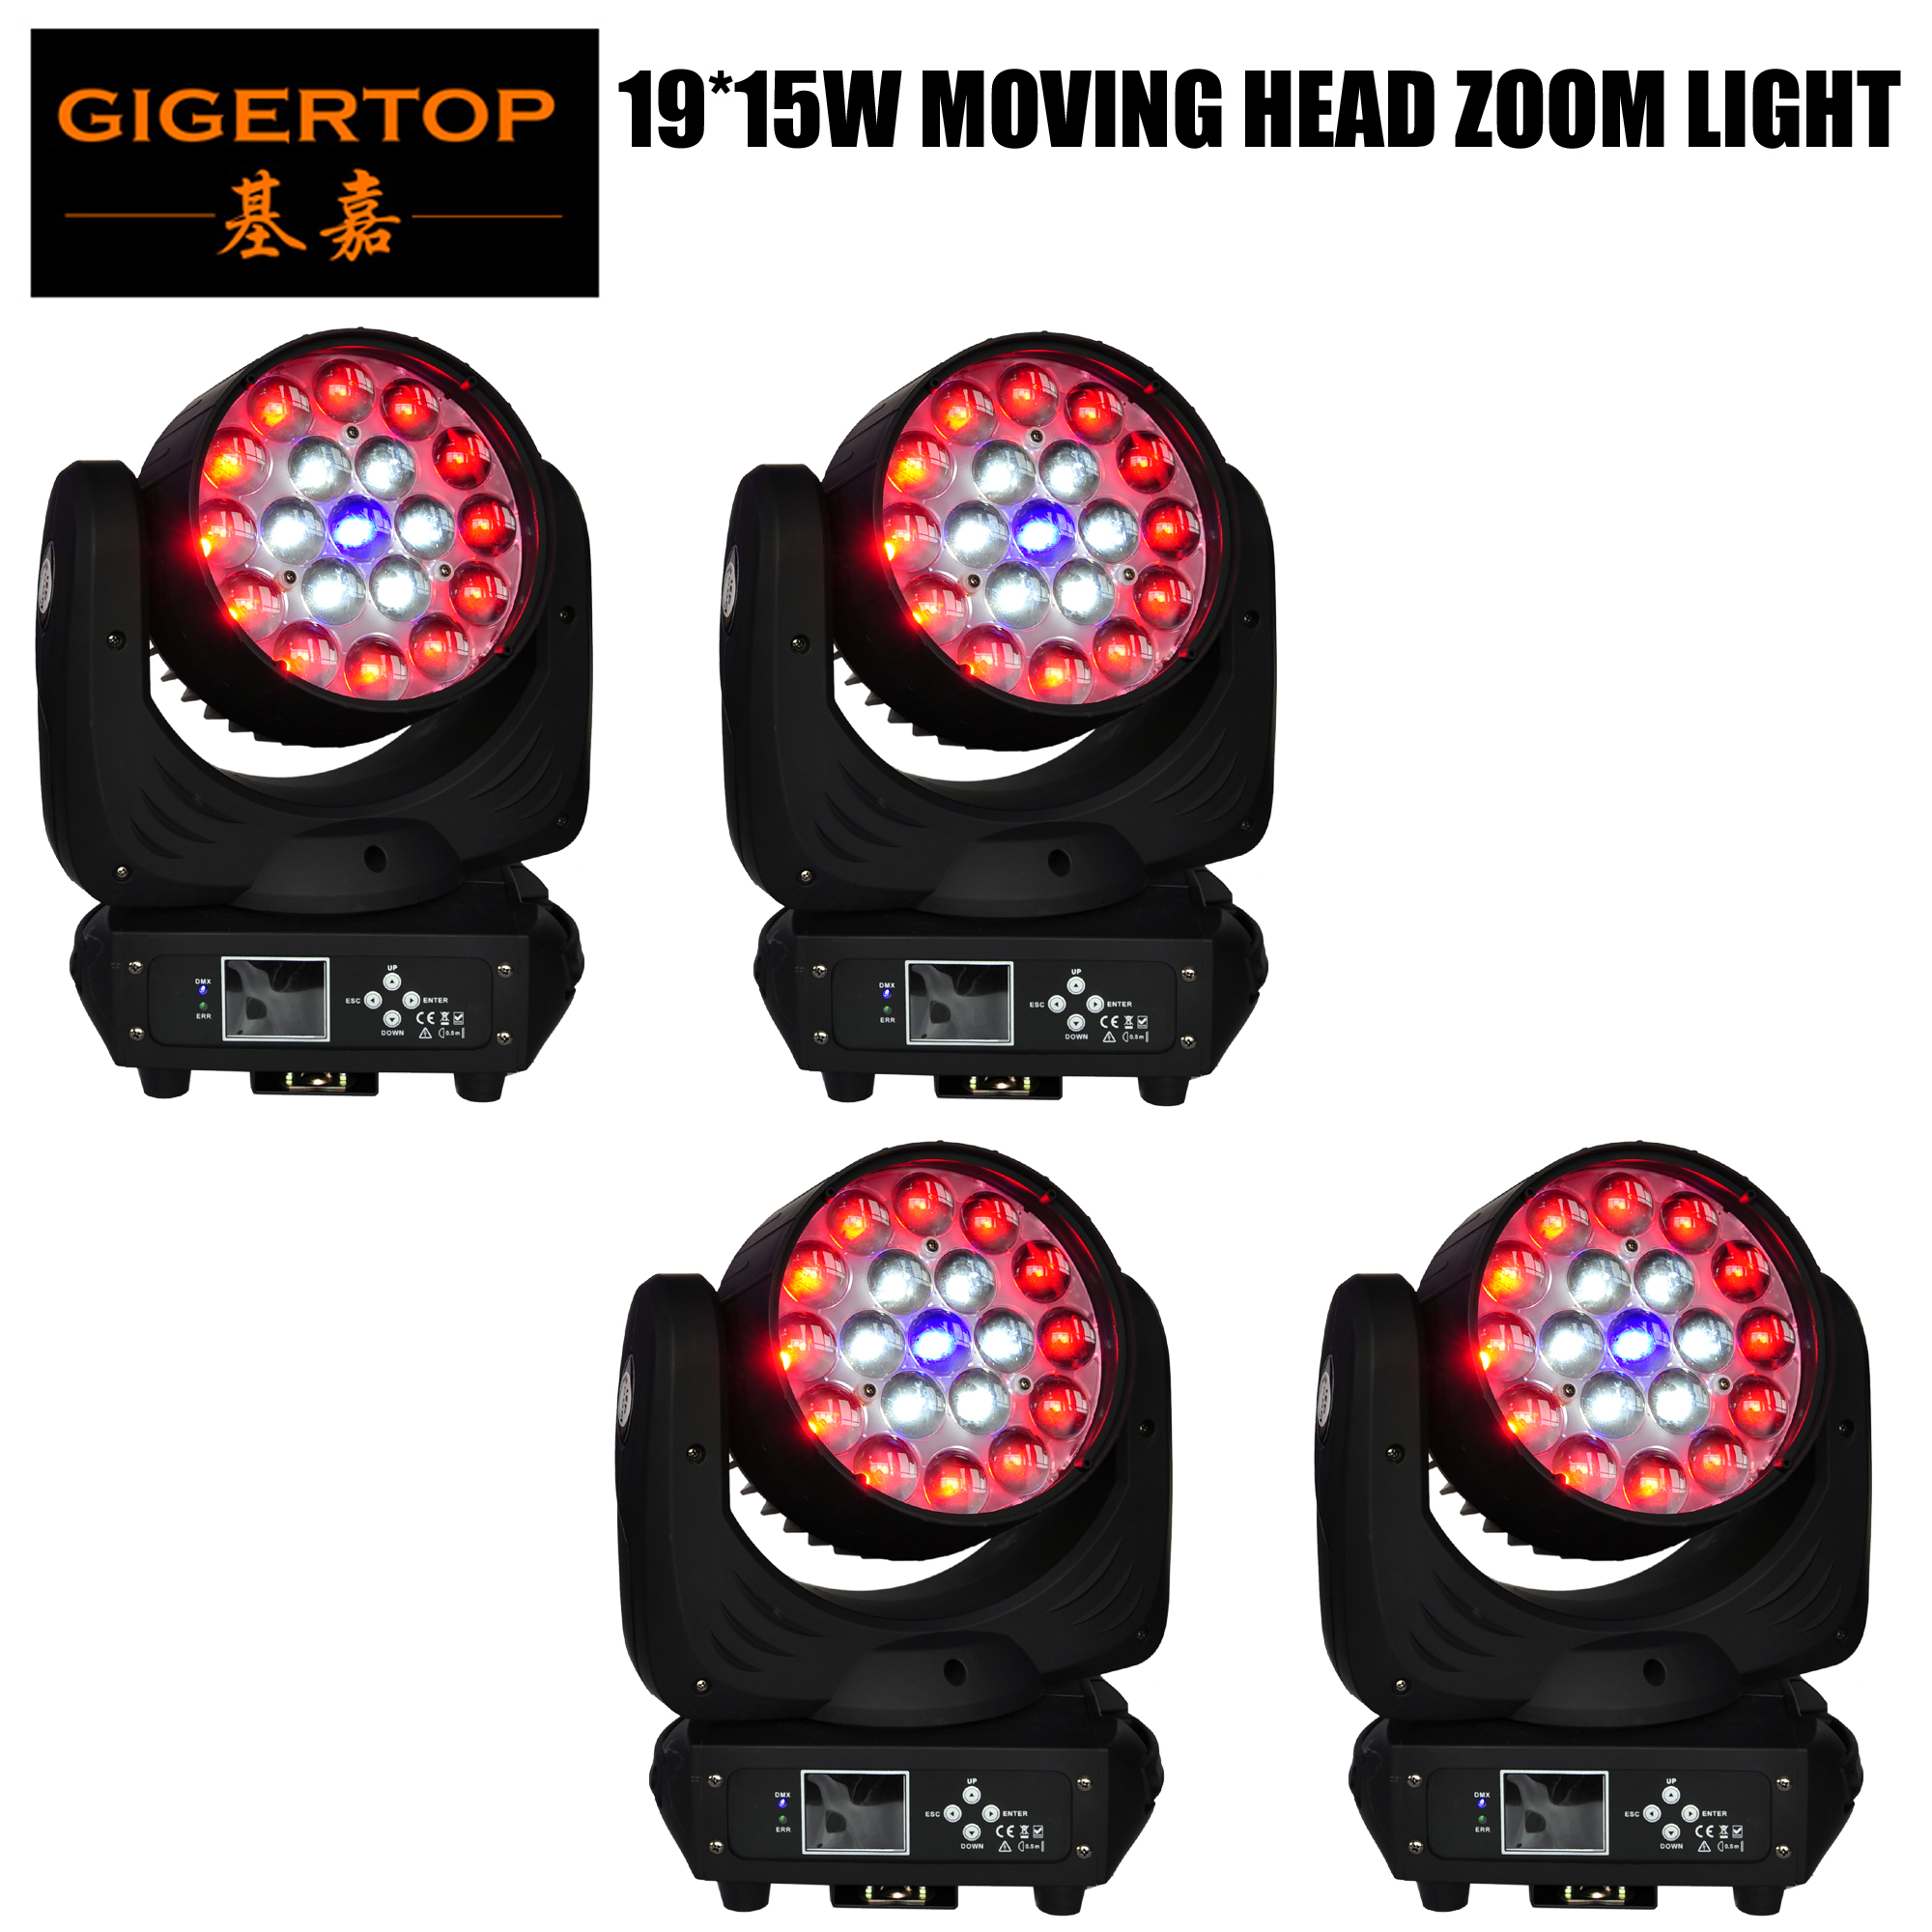 Işıklar ve Aydınlatma'ten Sahne Aydınlatması Efekti'de TIPTOP 19x15 W 4 renk zoom LED hareketli kafa zoom ışığı ışın yıkama açısı ayarlanabilir 13/24 DMX kanal renkli halka kontrol x 2 paket title=